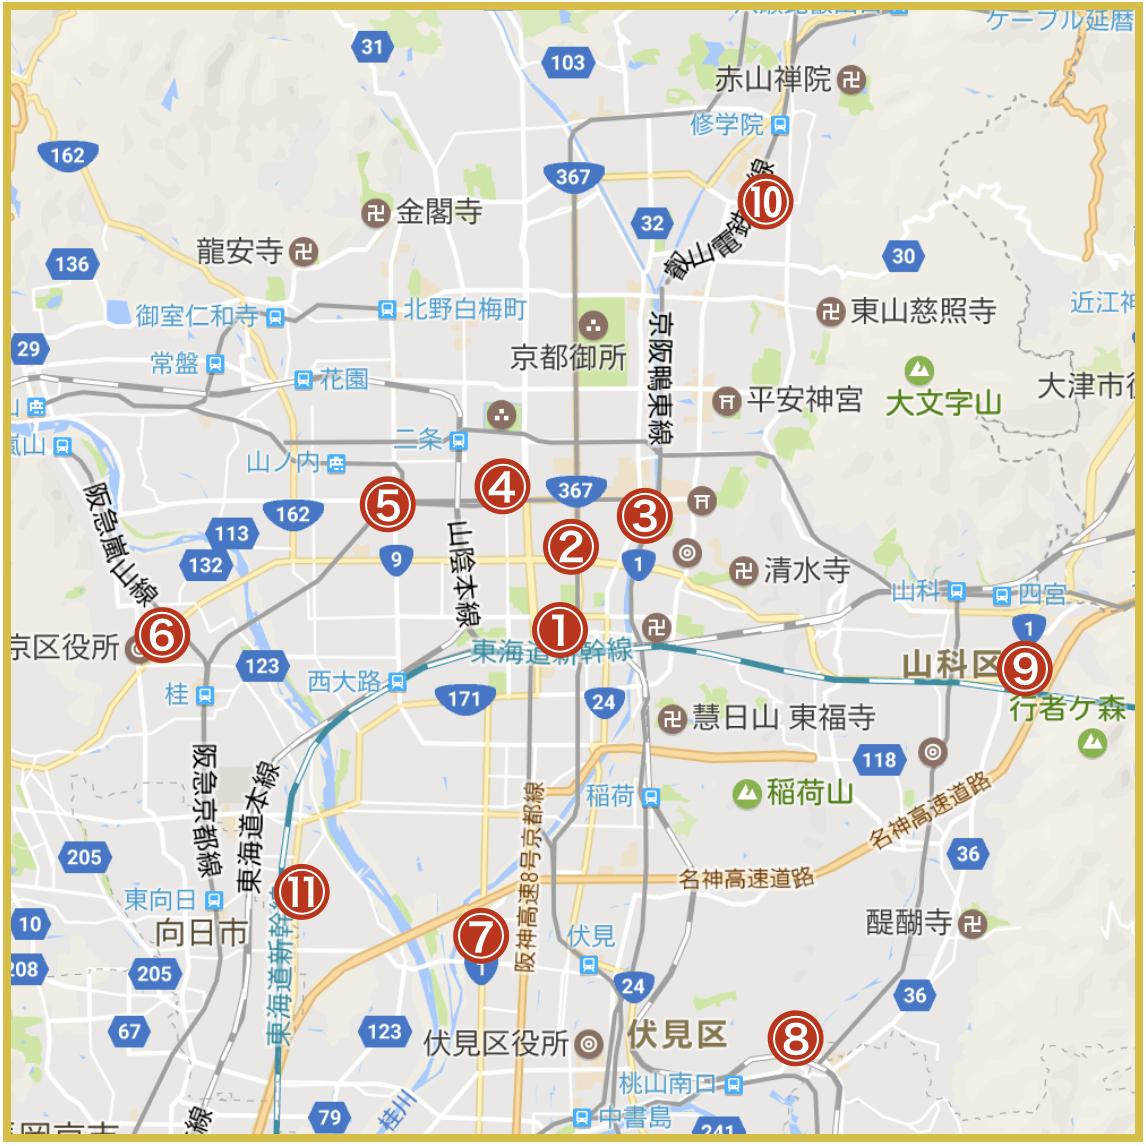 京都府京都市にあるアイフル店舗・ATMの位置